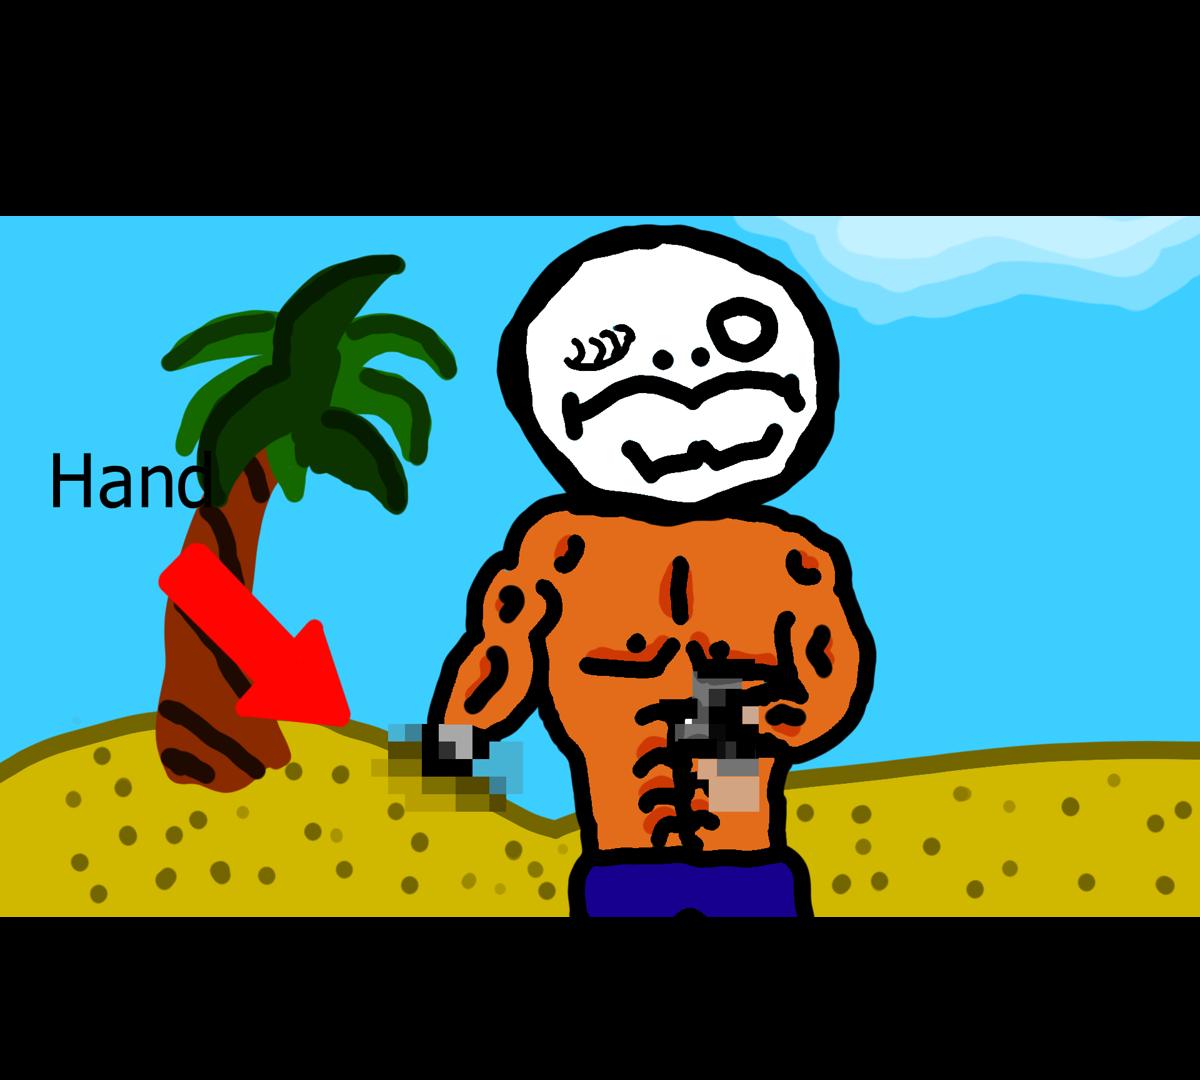 No hand man